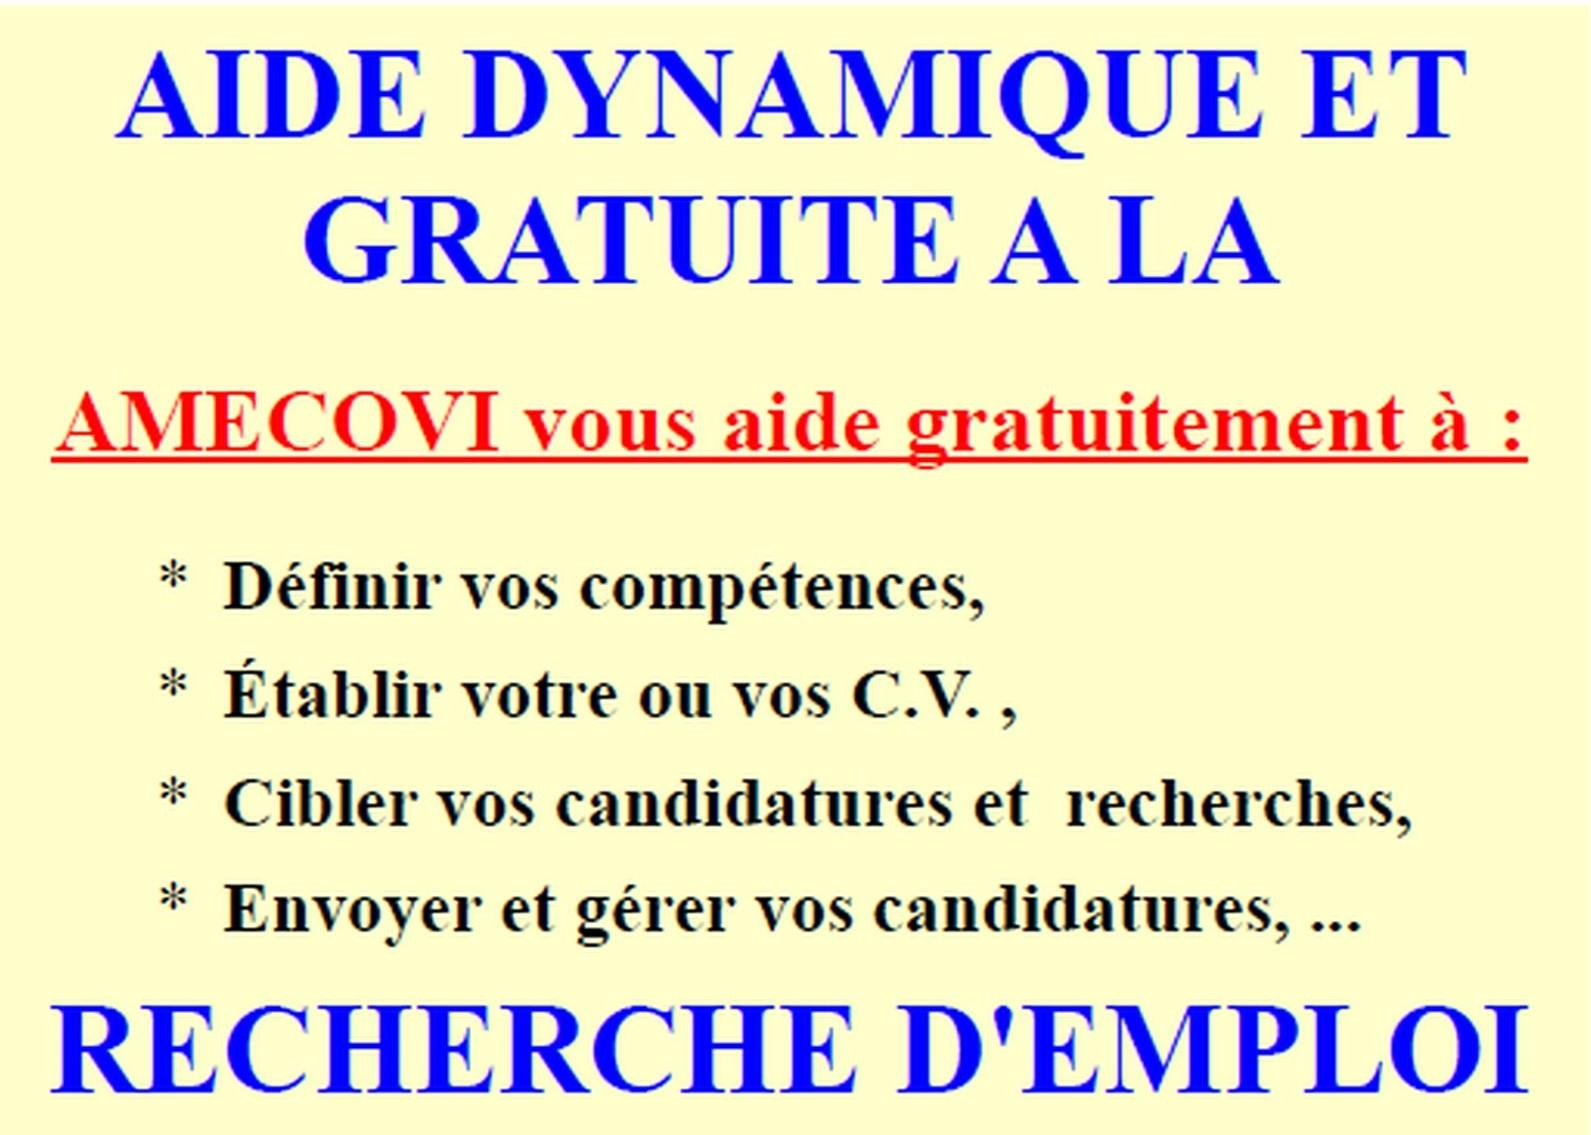 AIDE A LA RECHERCHE D'EMPLOI